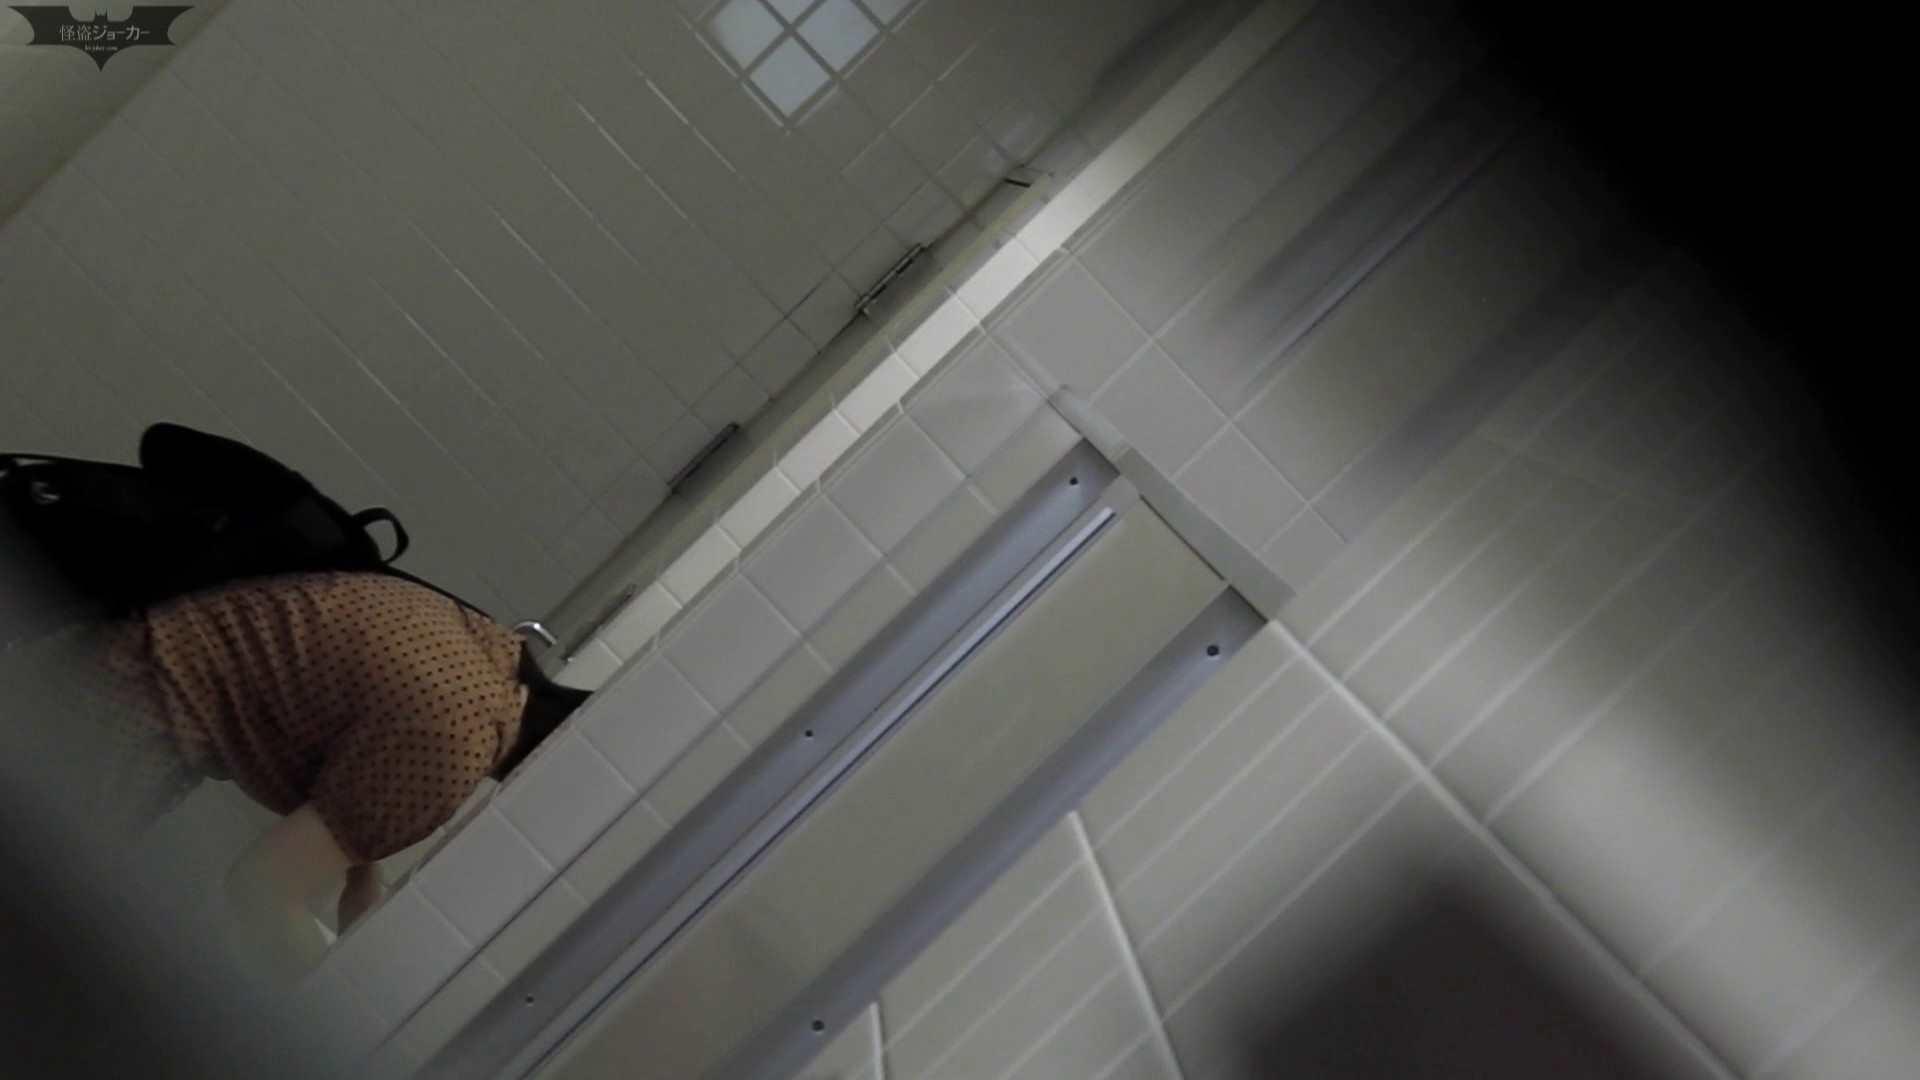 お銀 vol.68 無謀に通路に飛び出て一番明るいフロント撮り実現、見所満載 洗面所   0  93連発 41